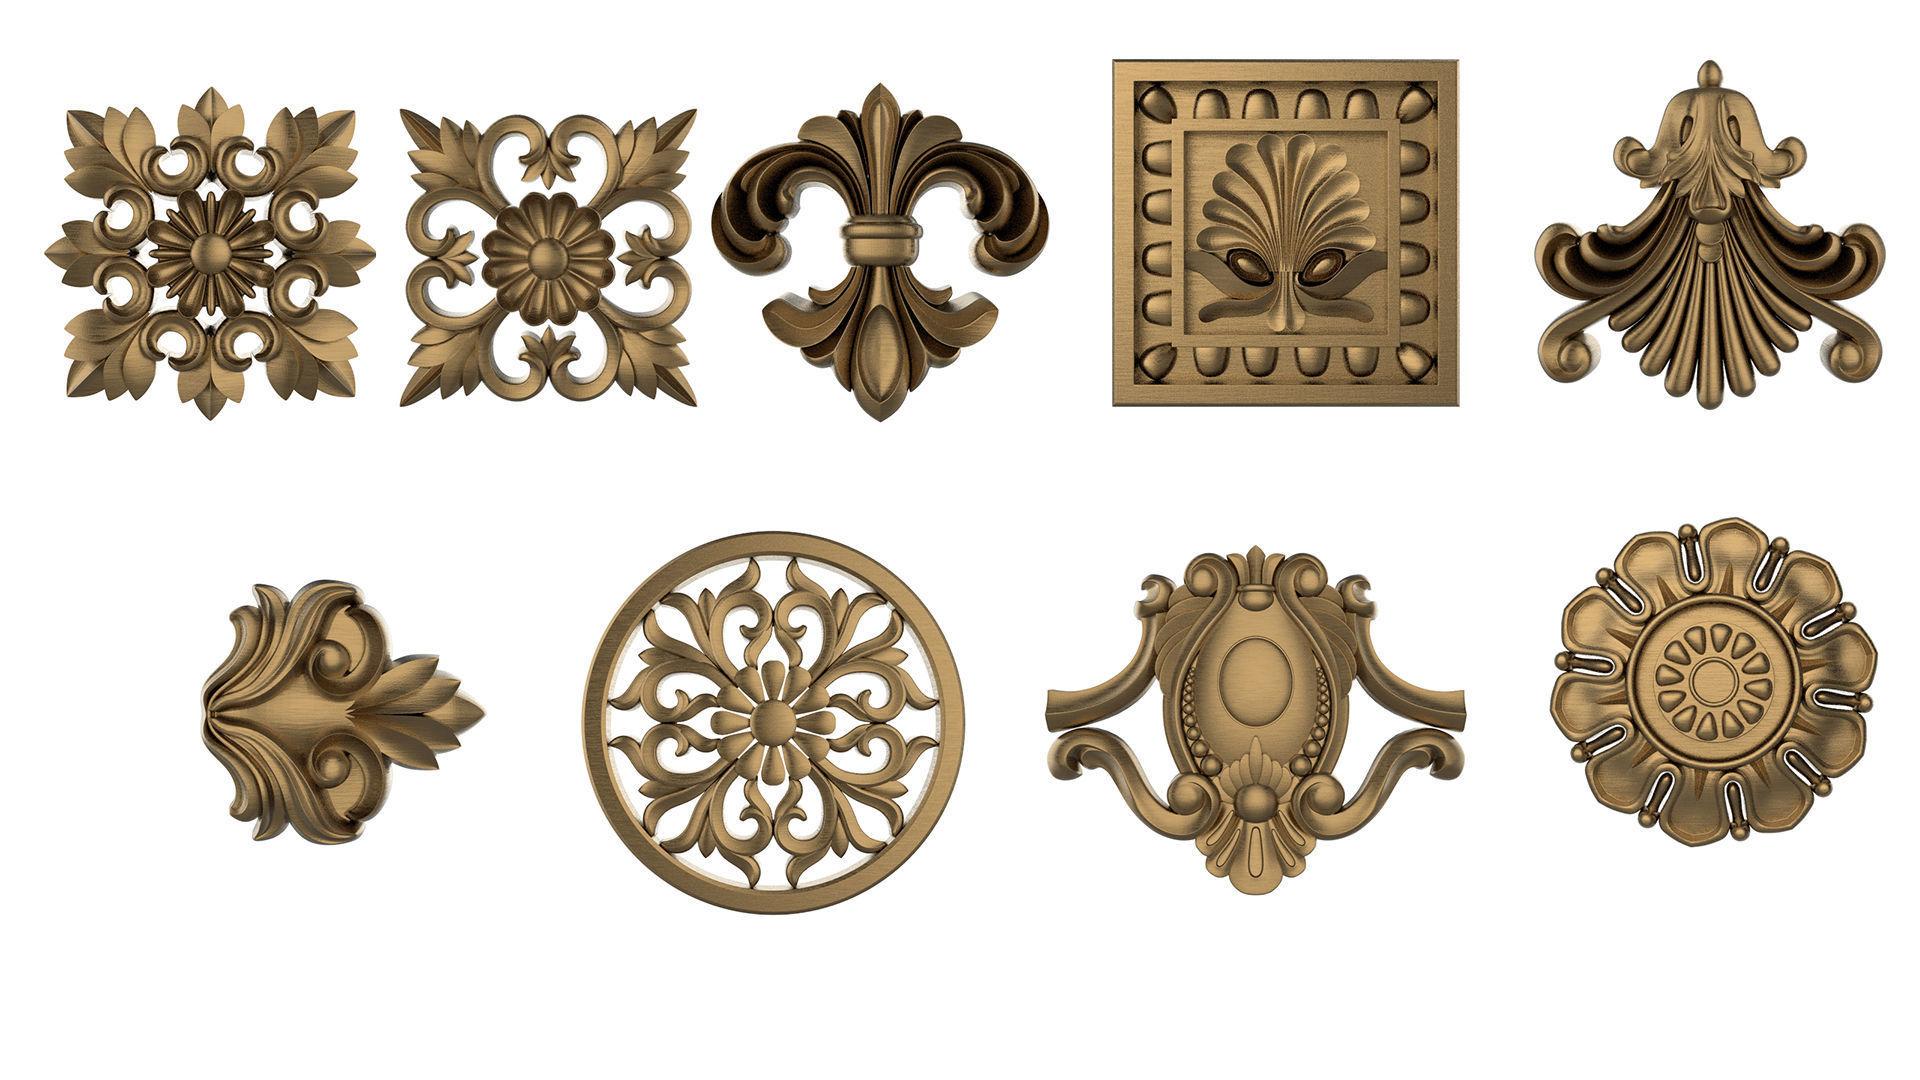 Ornament 3D Print set